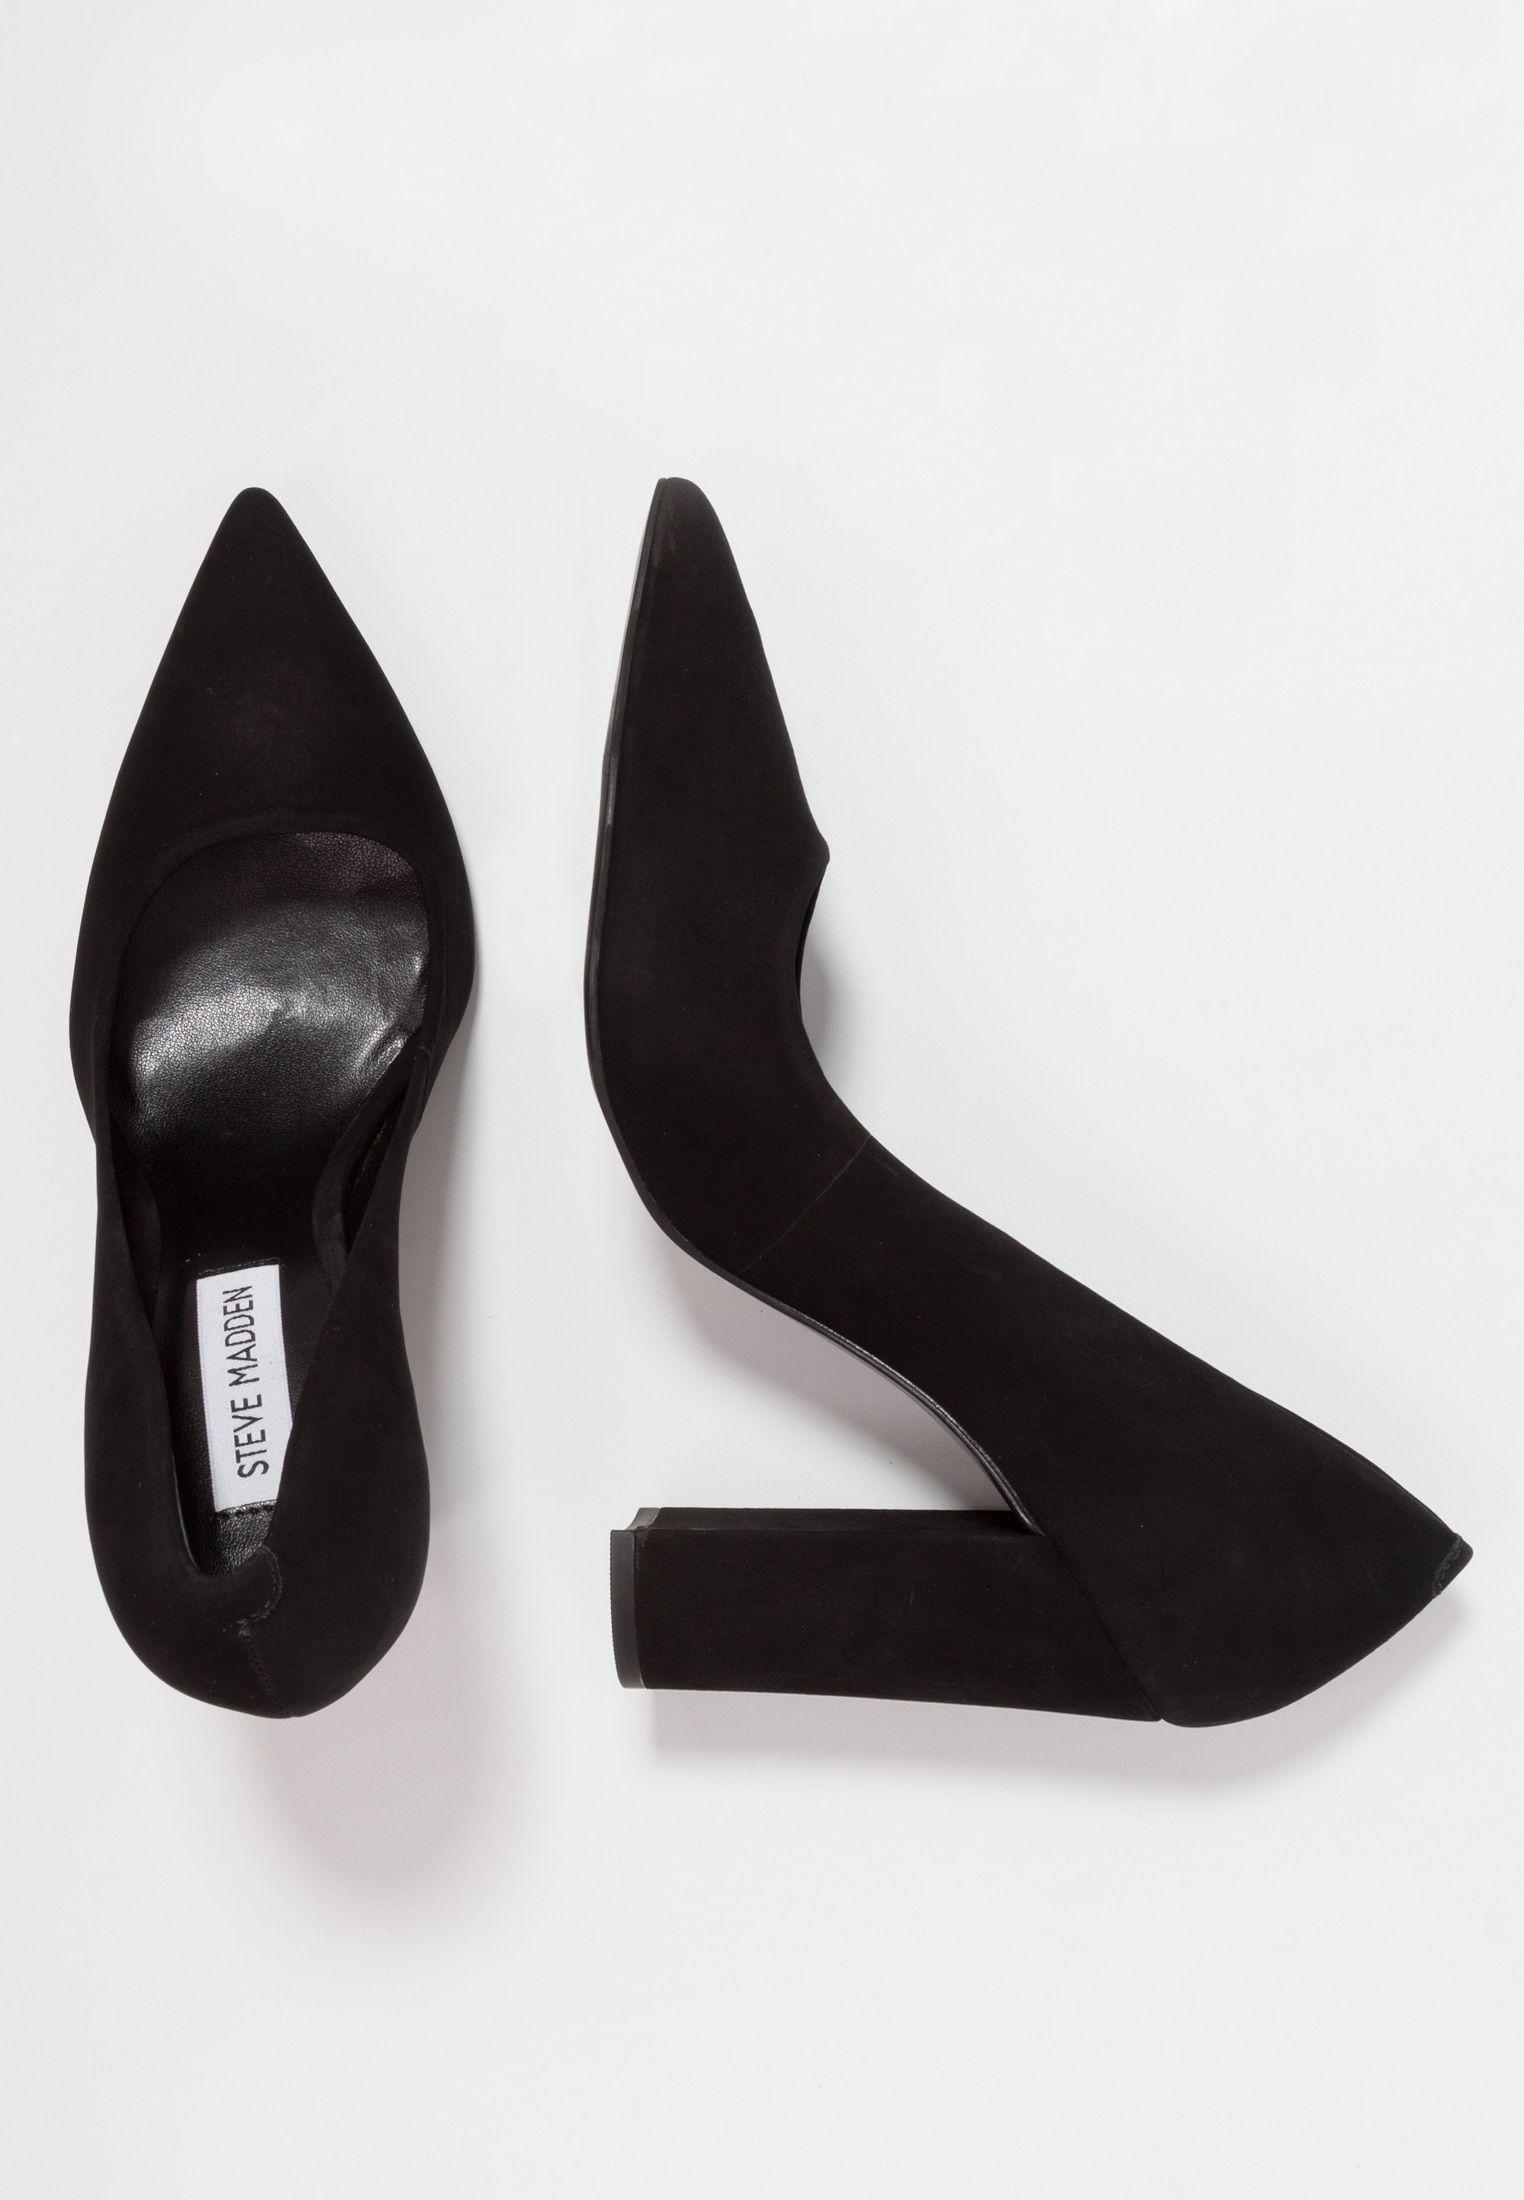 come serch a disposizione scarpe eleganti PRANCE - High Heel Pumps - black @ Zalando.de 🛒 | Fashion ...